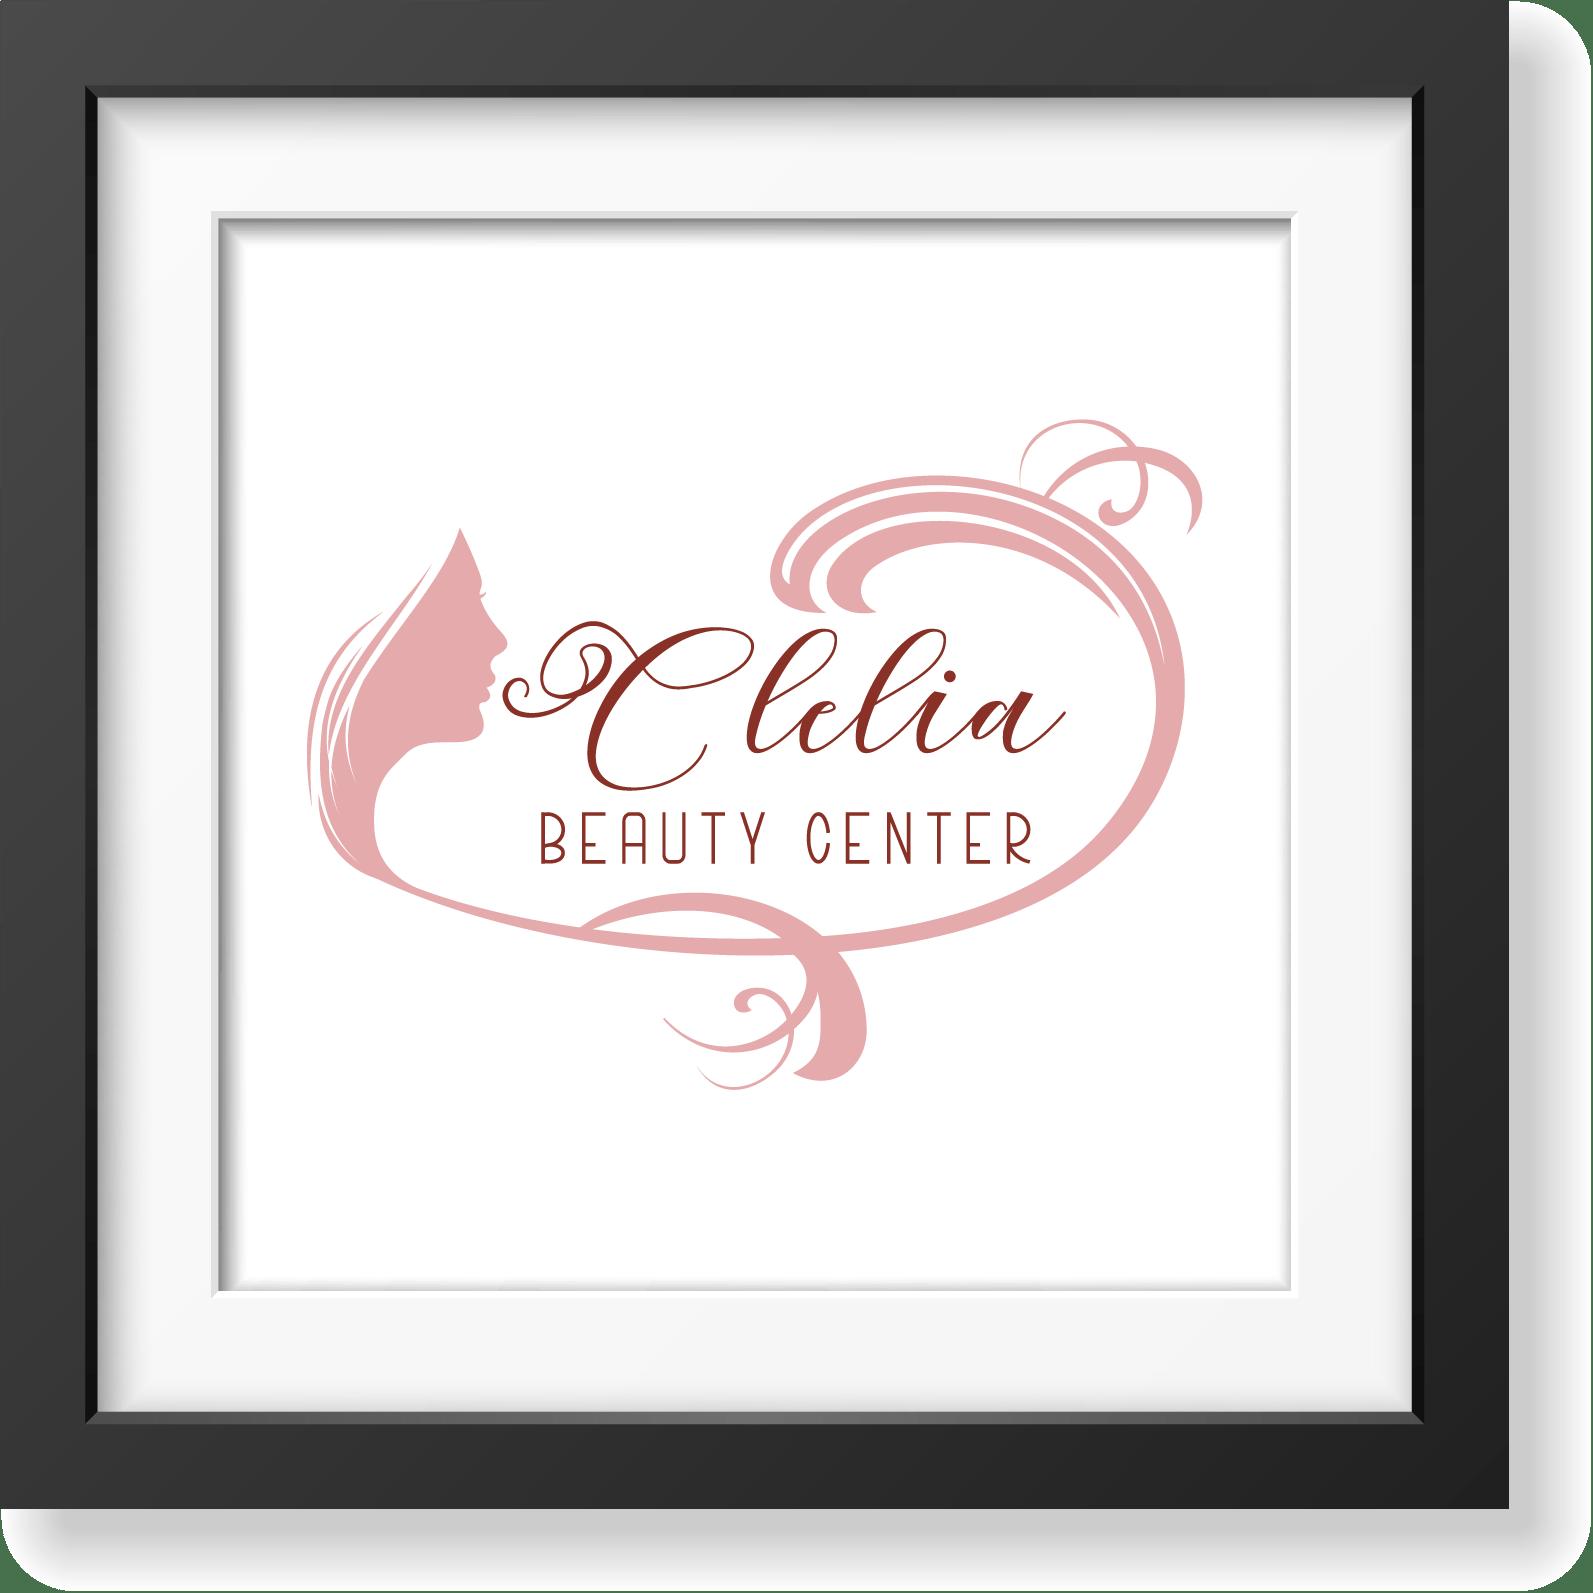 Clelia Beauty Center - studio e realizzazione logo